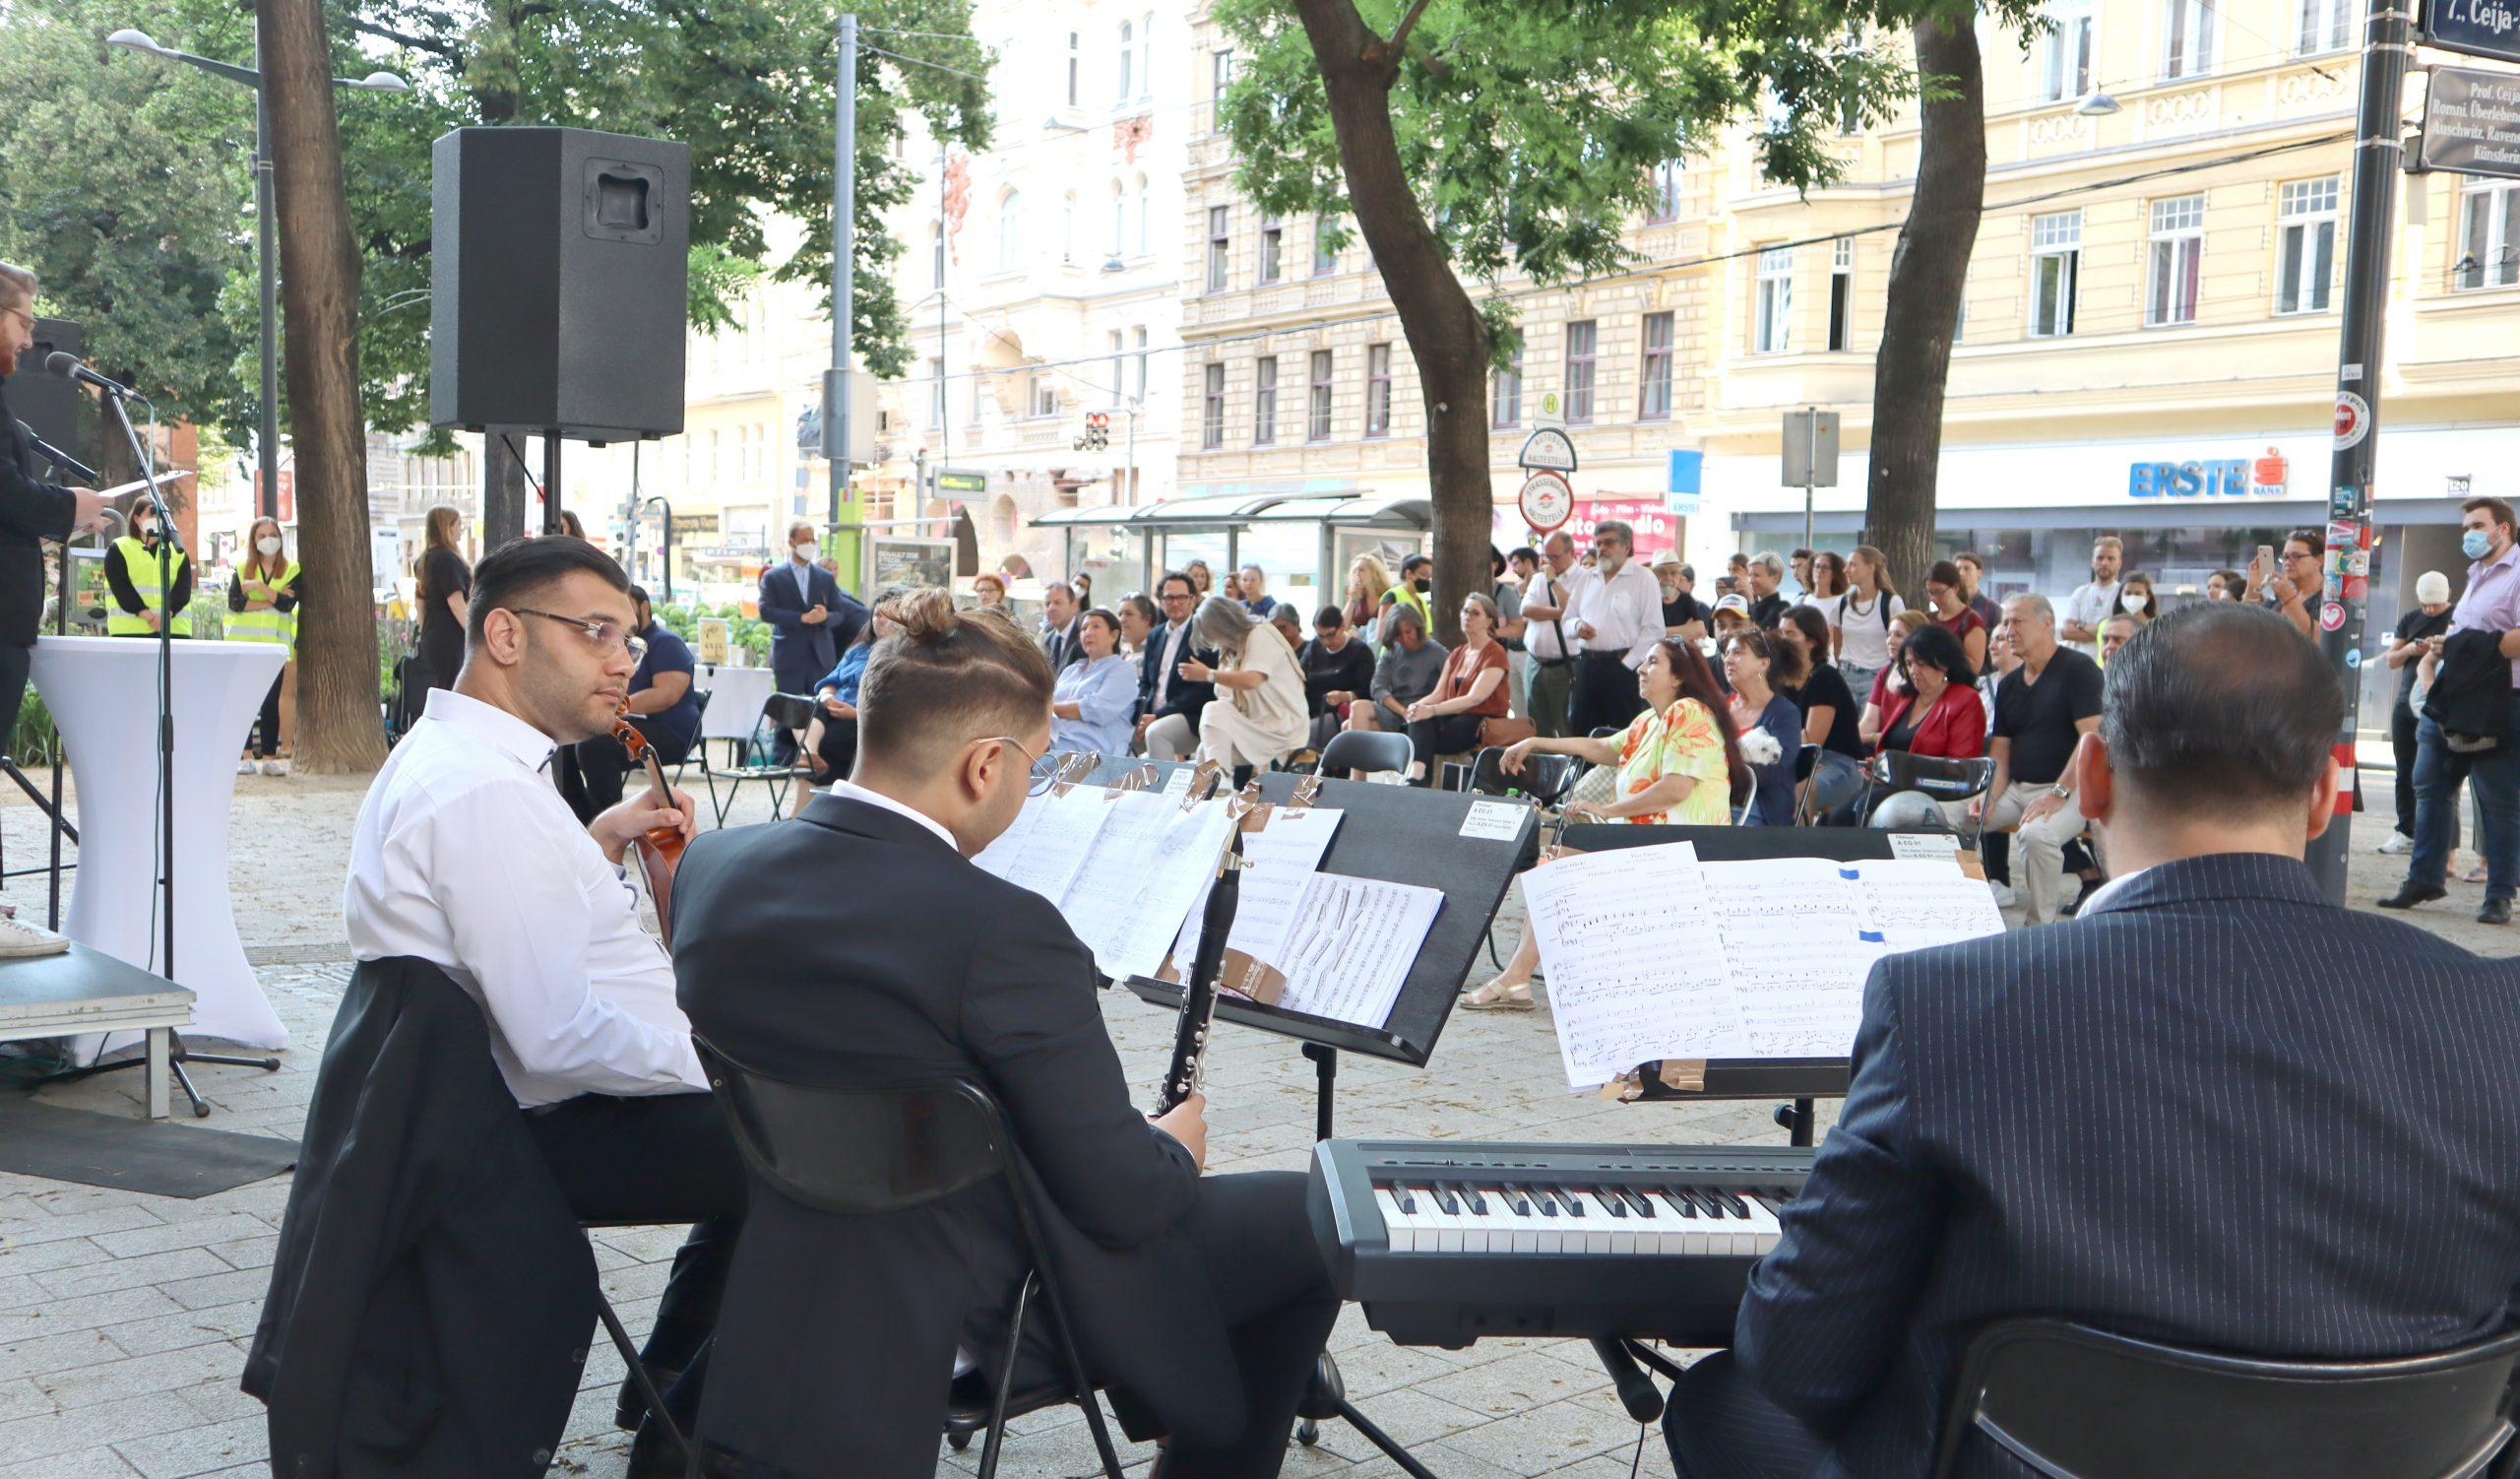 Musiktrio Josef Nagy, László Rácz und Tibor Csirke